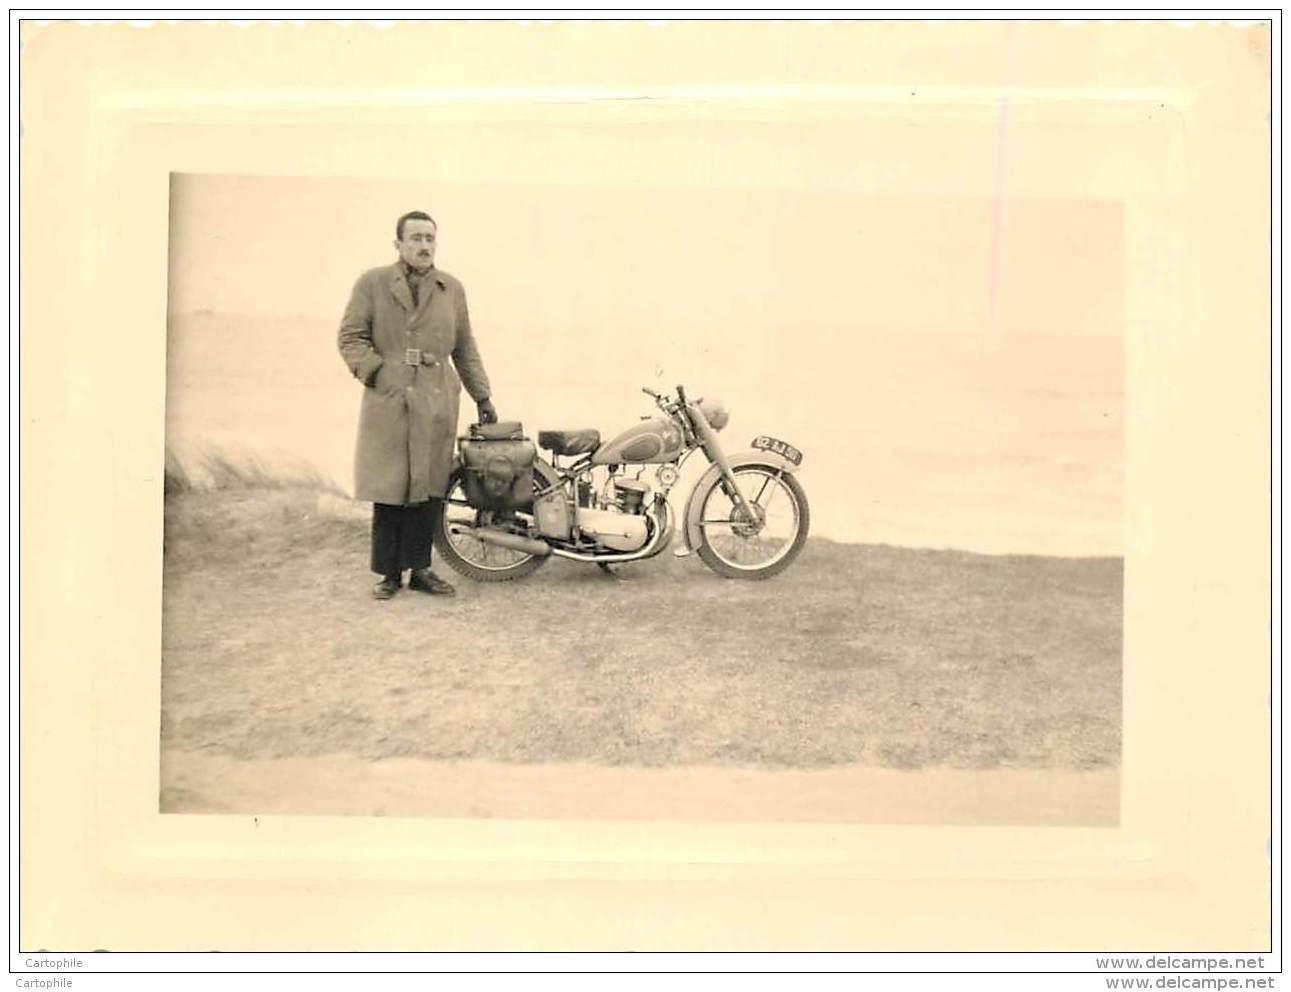 Photo D'une Moto Et Motocycliste Prises En Bretagne A Kerpathe (?) En 1955 - Places